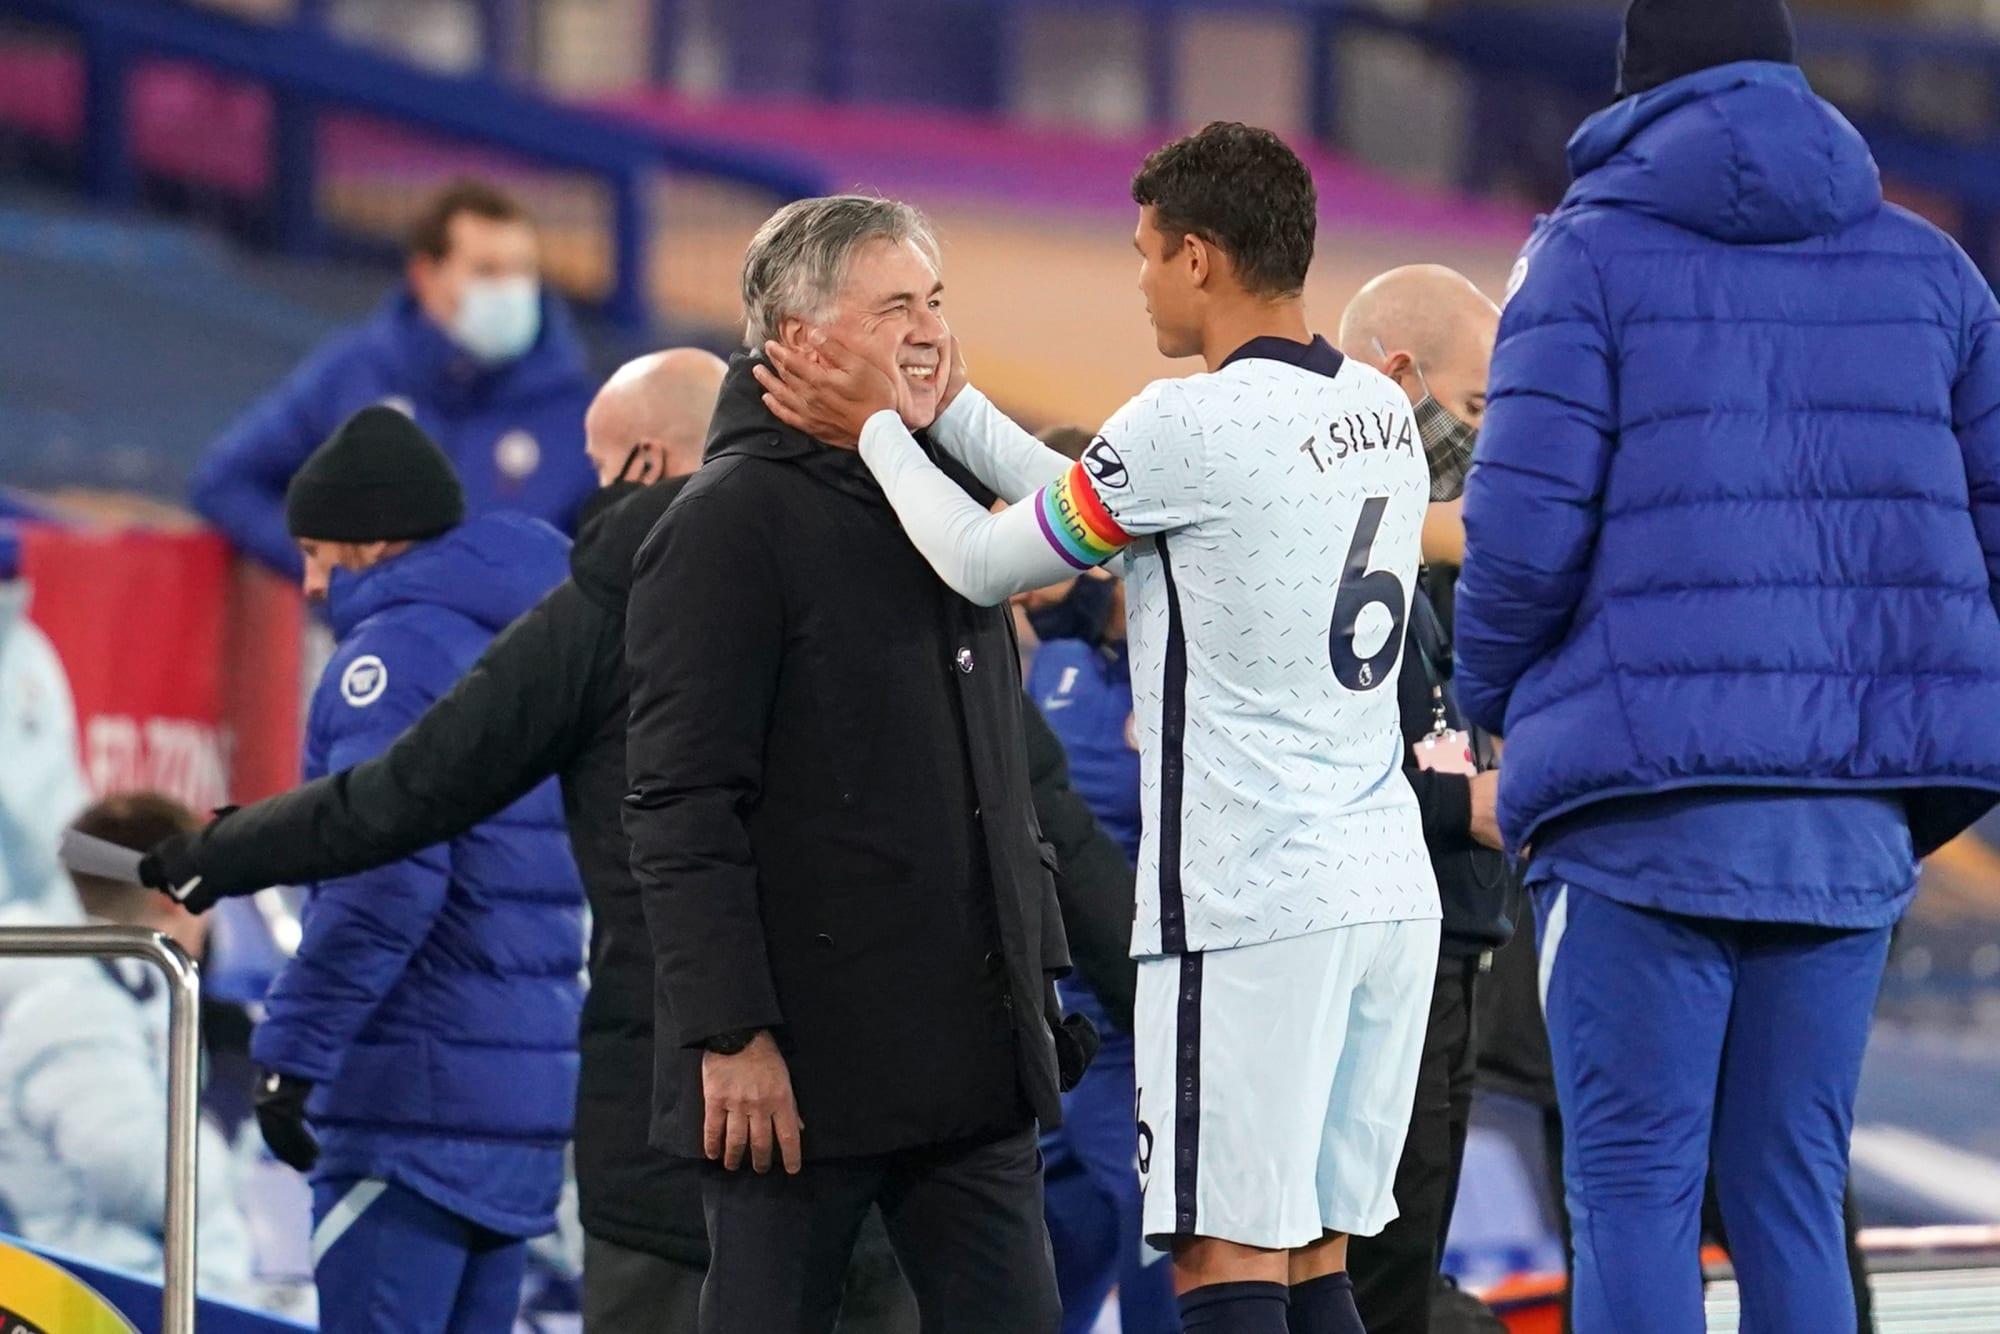 Chelsea vs. Everton score predictions: Sweet, sweet revenge